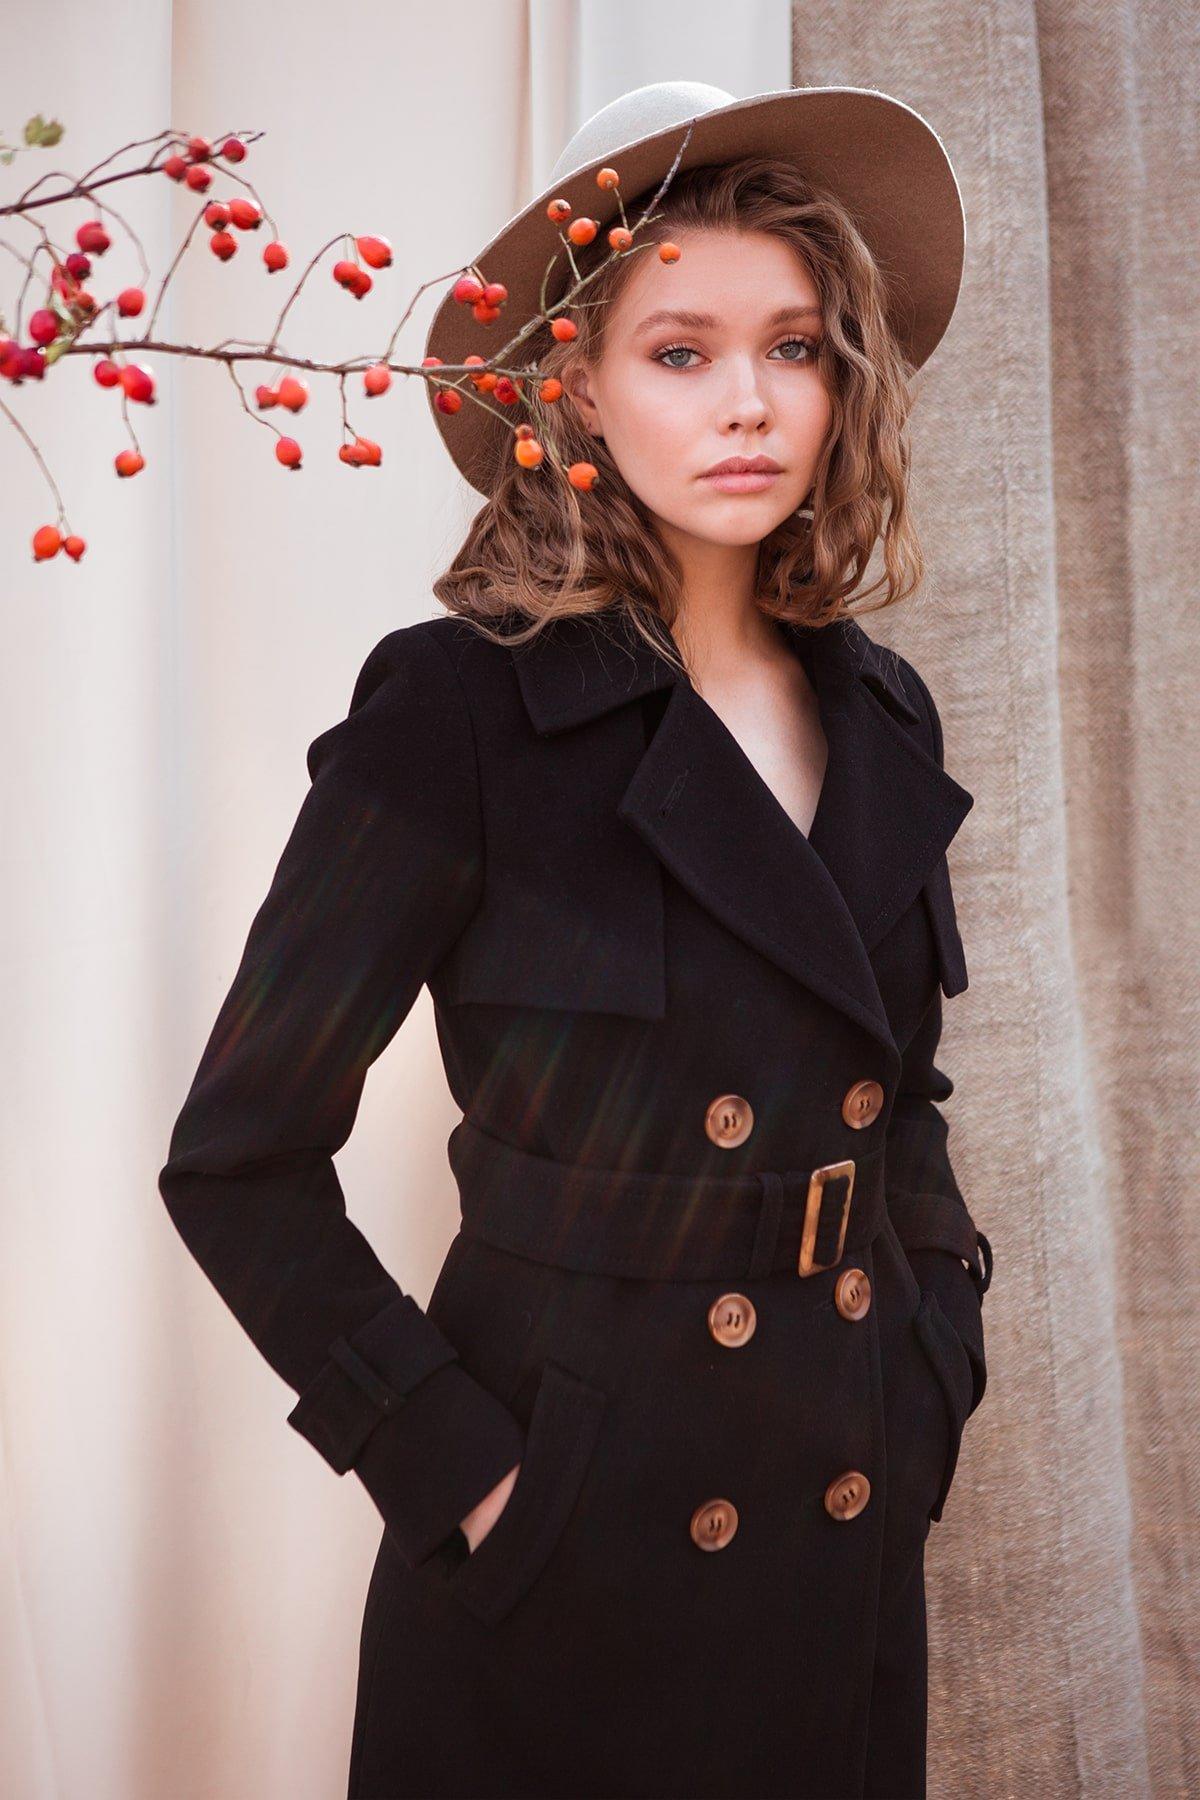 Черное двубортное пальто Монте 7947 АРТ. 43907 Цвет: Черный - фото 10, интернет магазин tm-modus.ru